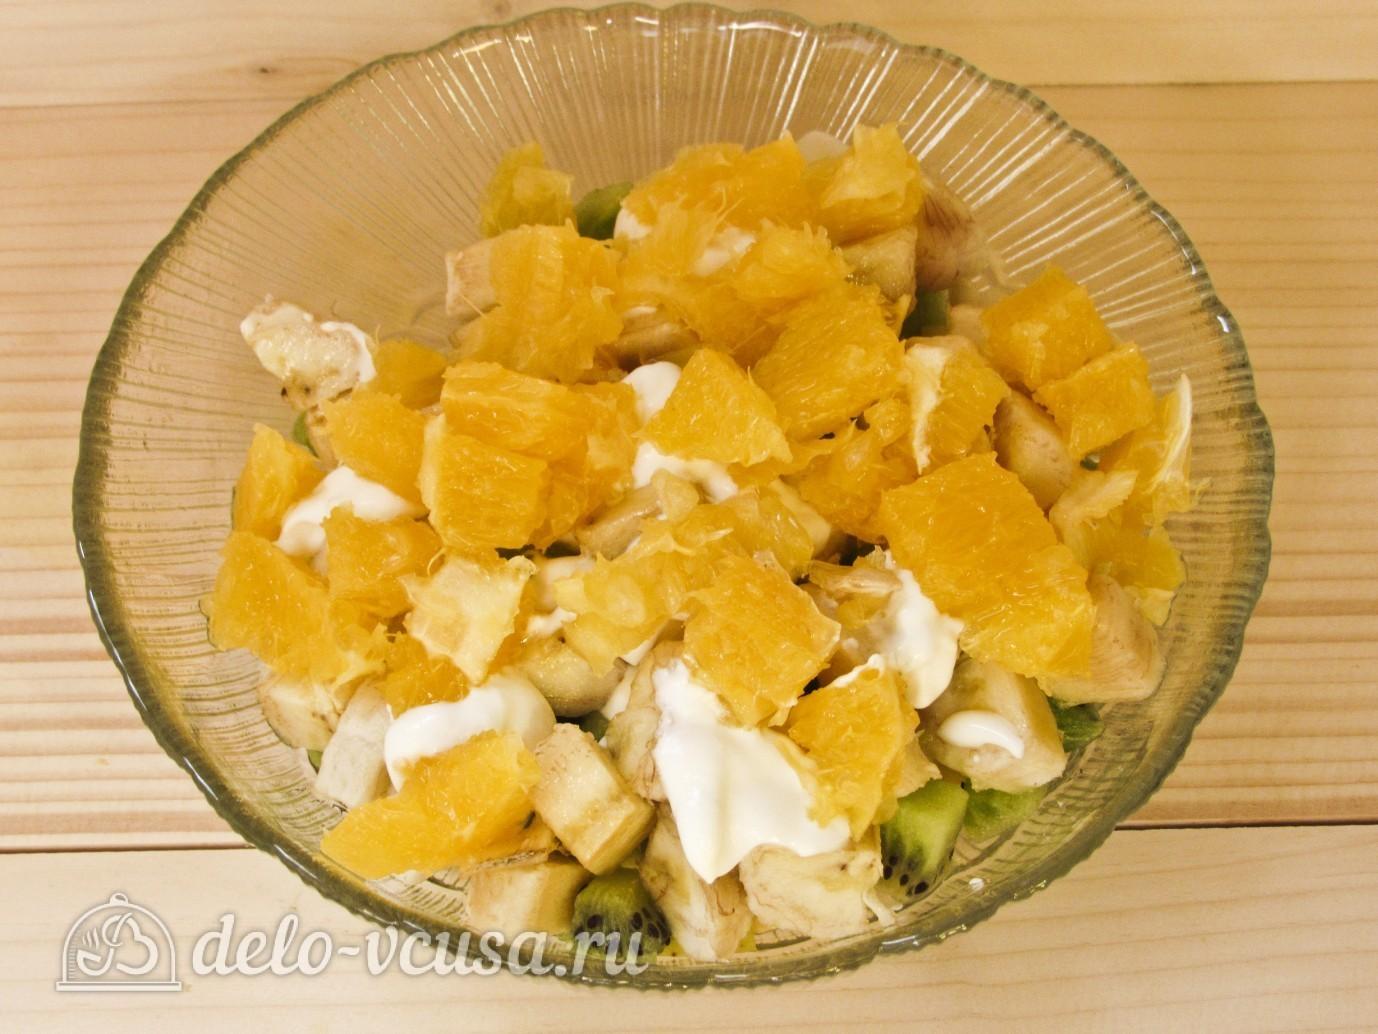 Салат фруктовый с бананом рецепт с